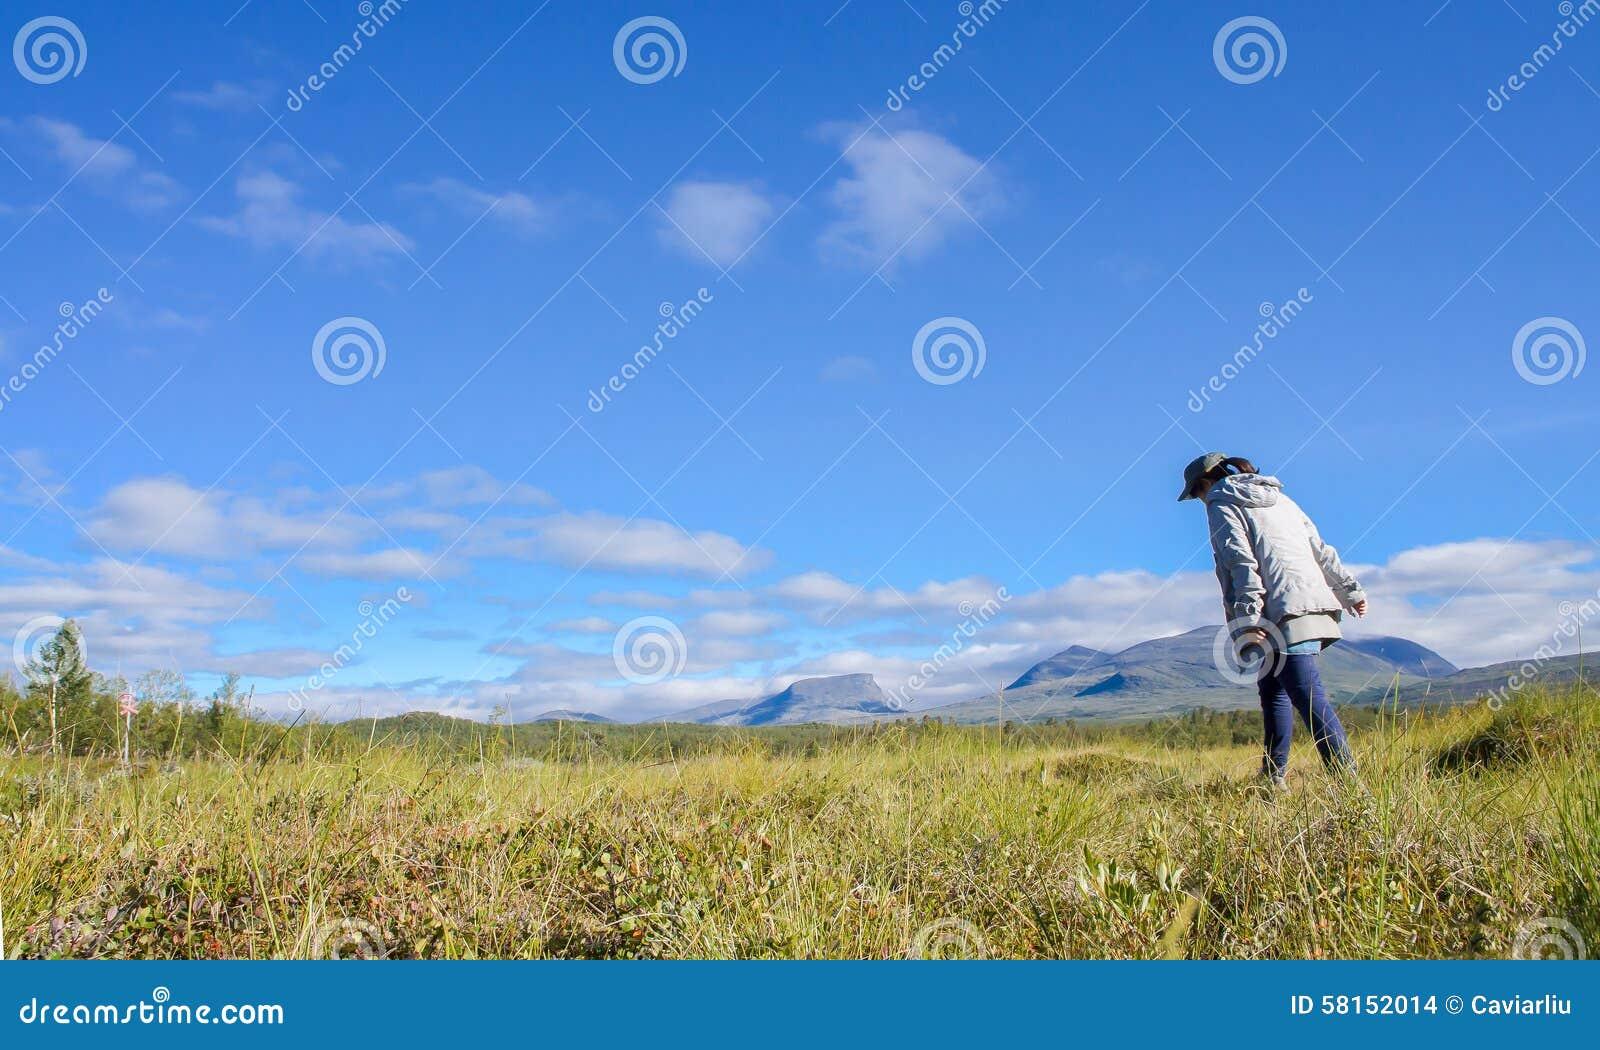 Dziewczyny odprowadzenie w Halnym krajobrazie w Szwecja i wycieczkowiczu, Abisko park narodowy w północy Szwecja (północny Scandi